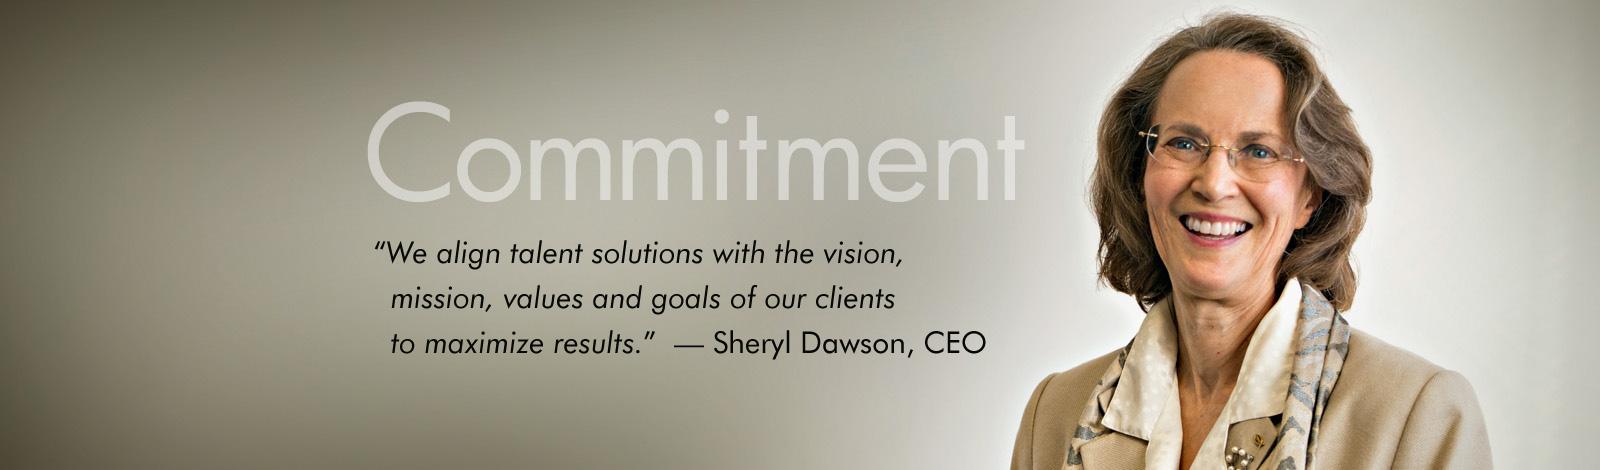 slideDAWSON_commitment